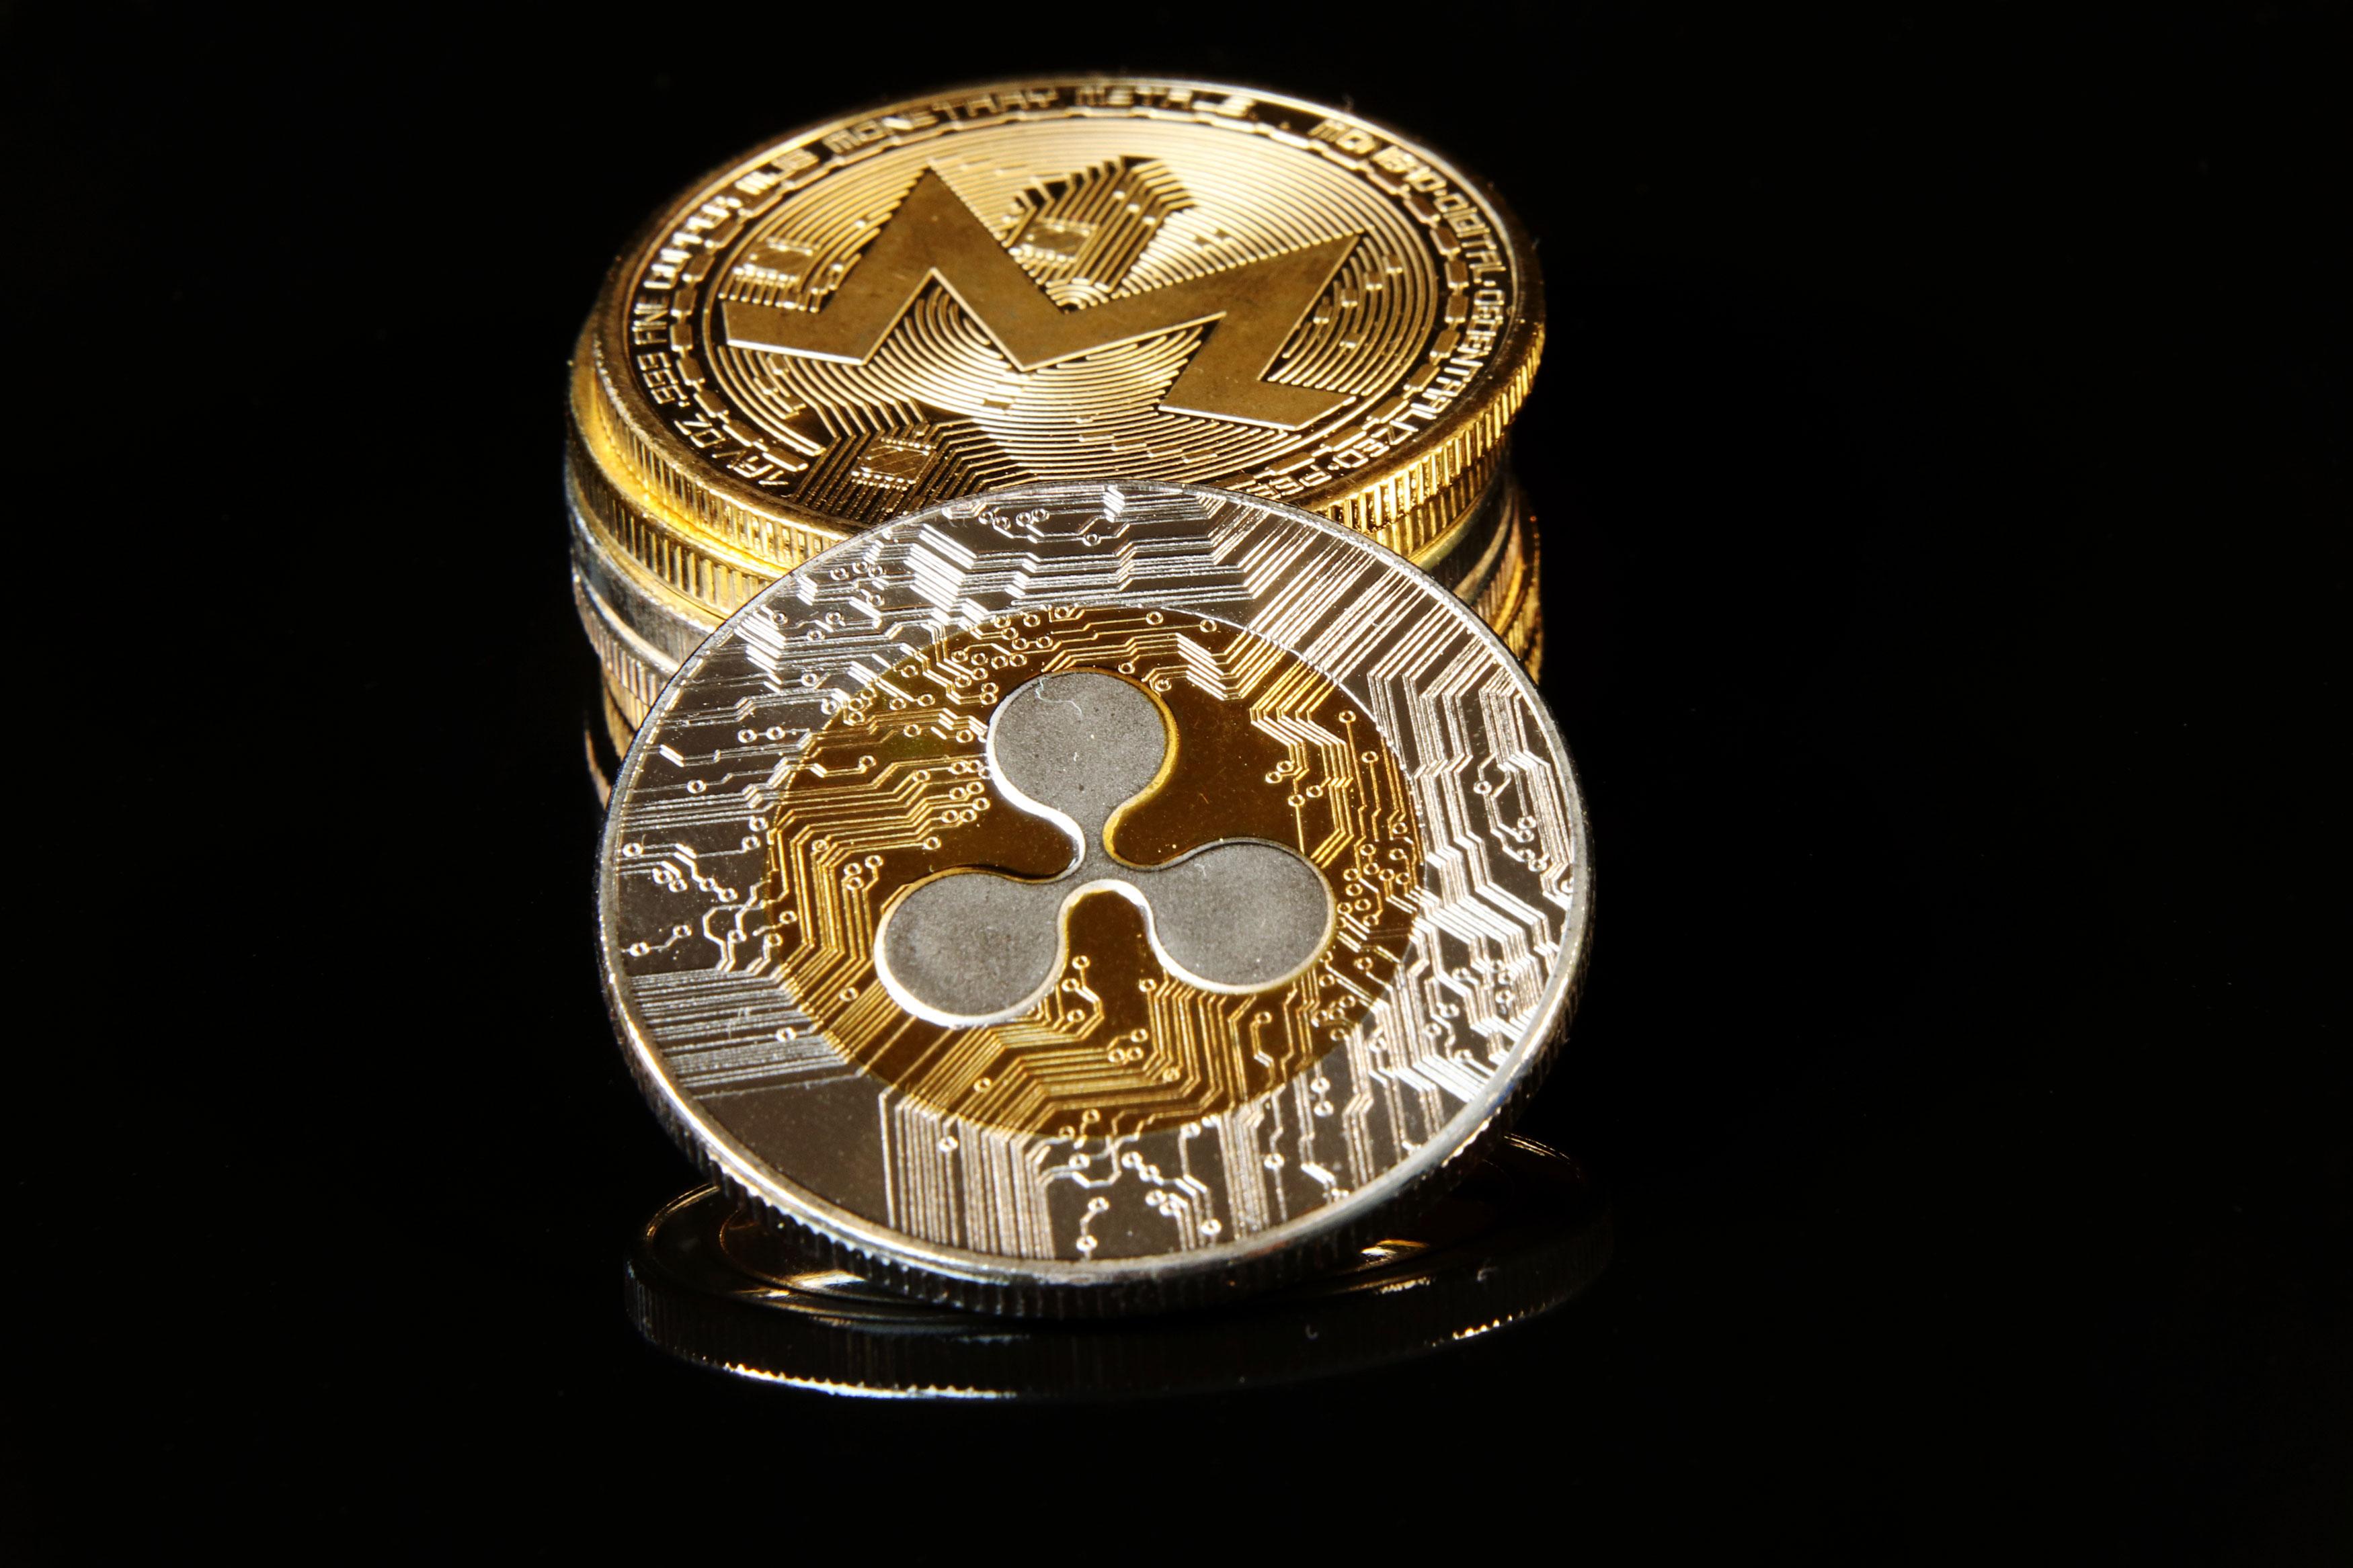 kriptovalūta forums labas kriptogrāfijas monētas ieguldīt 2021 gadā binārā opcija droid